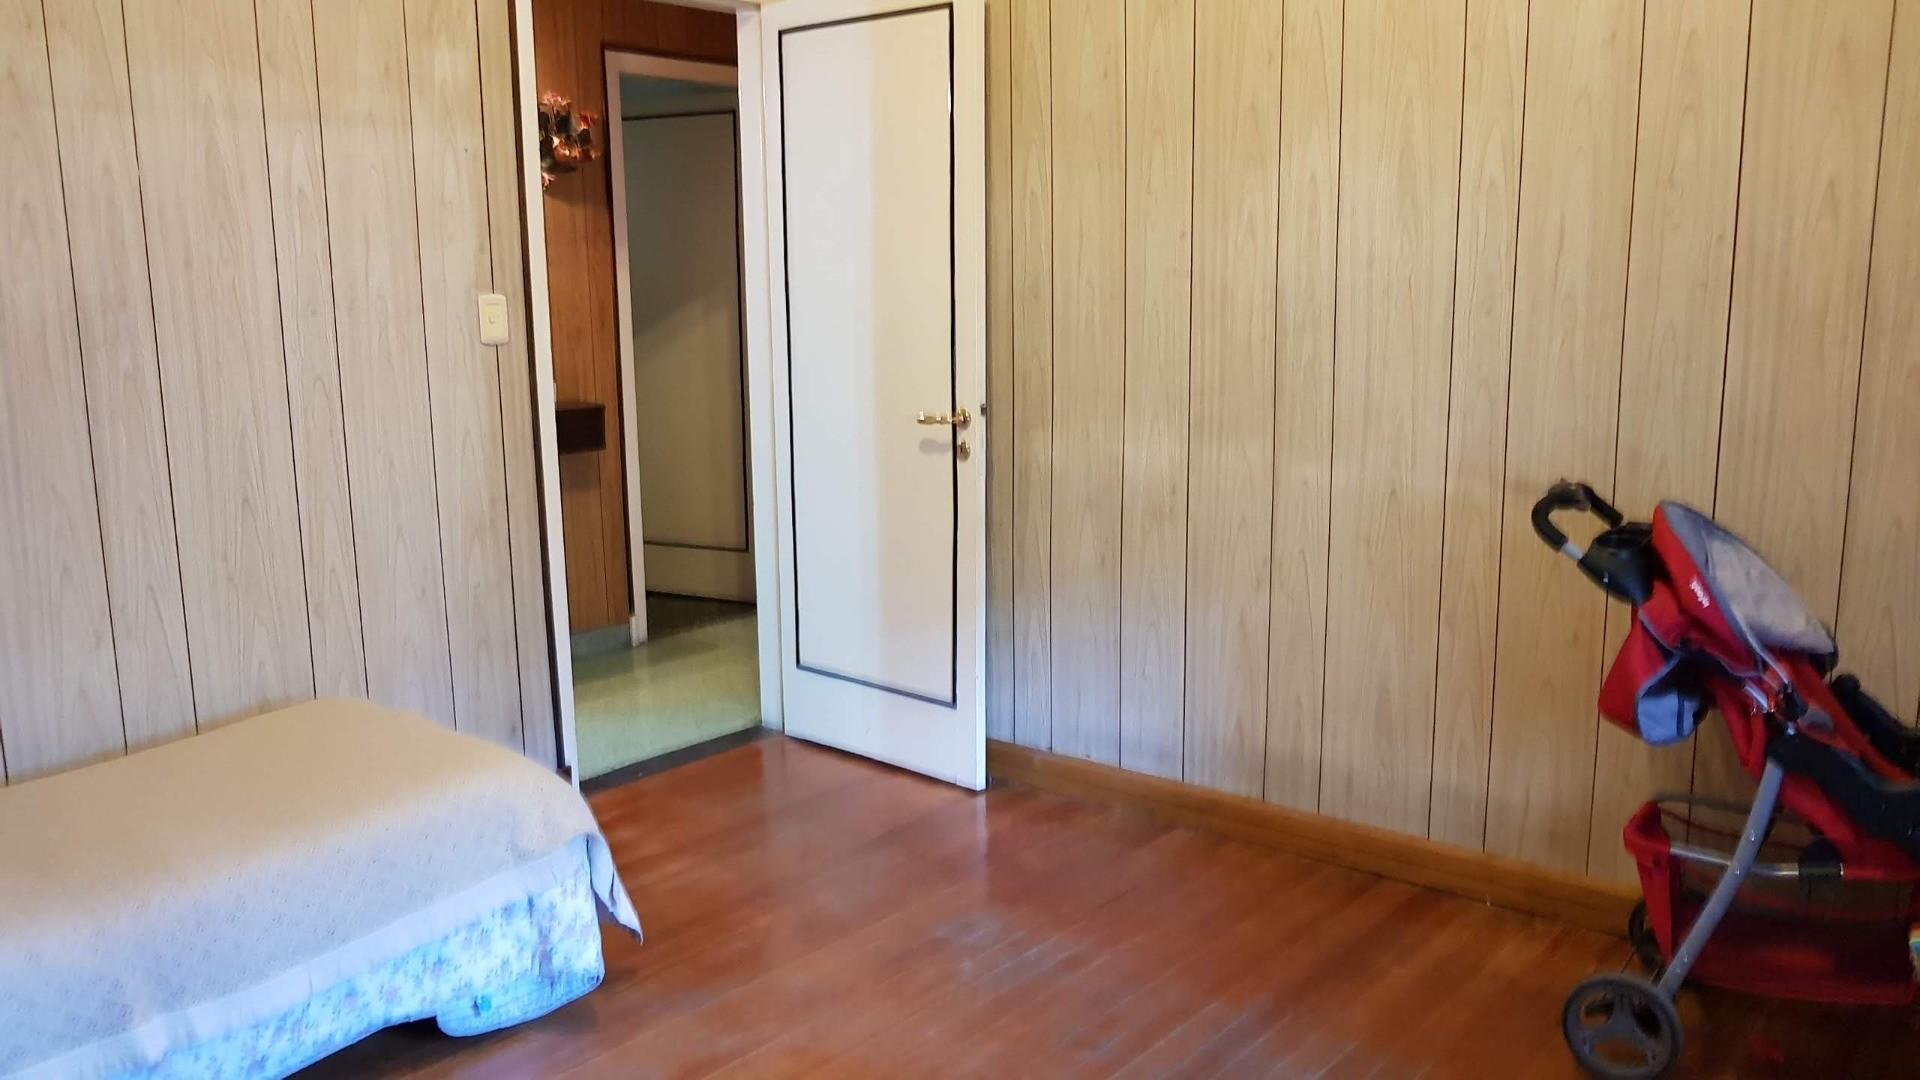 Casa - 140 m² | 3 dormitorios | 65 años